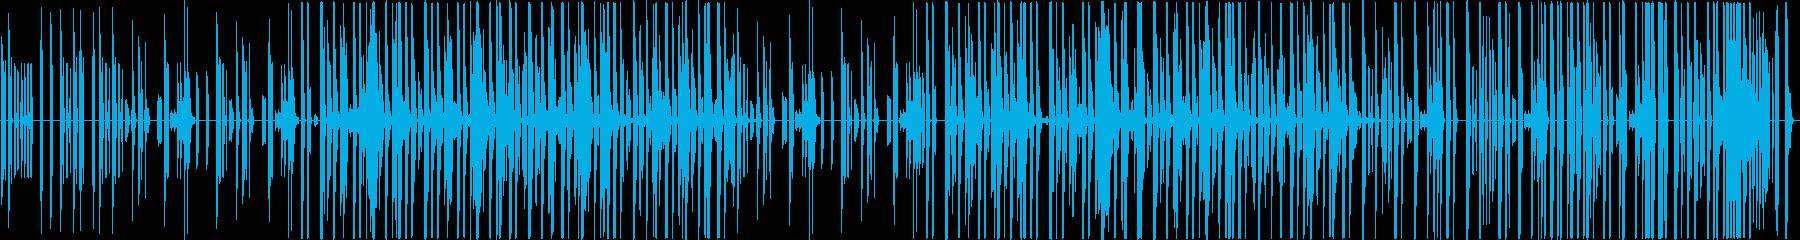 インド×ヒップホップの再生済みの波形